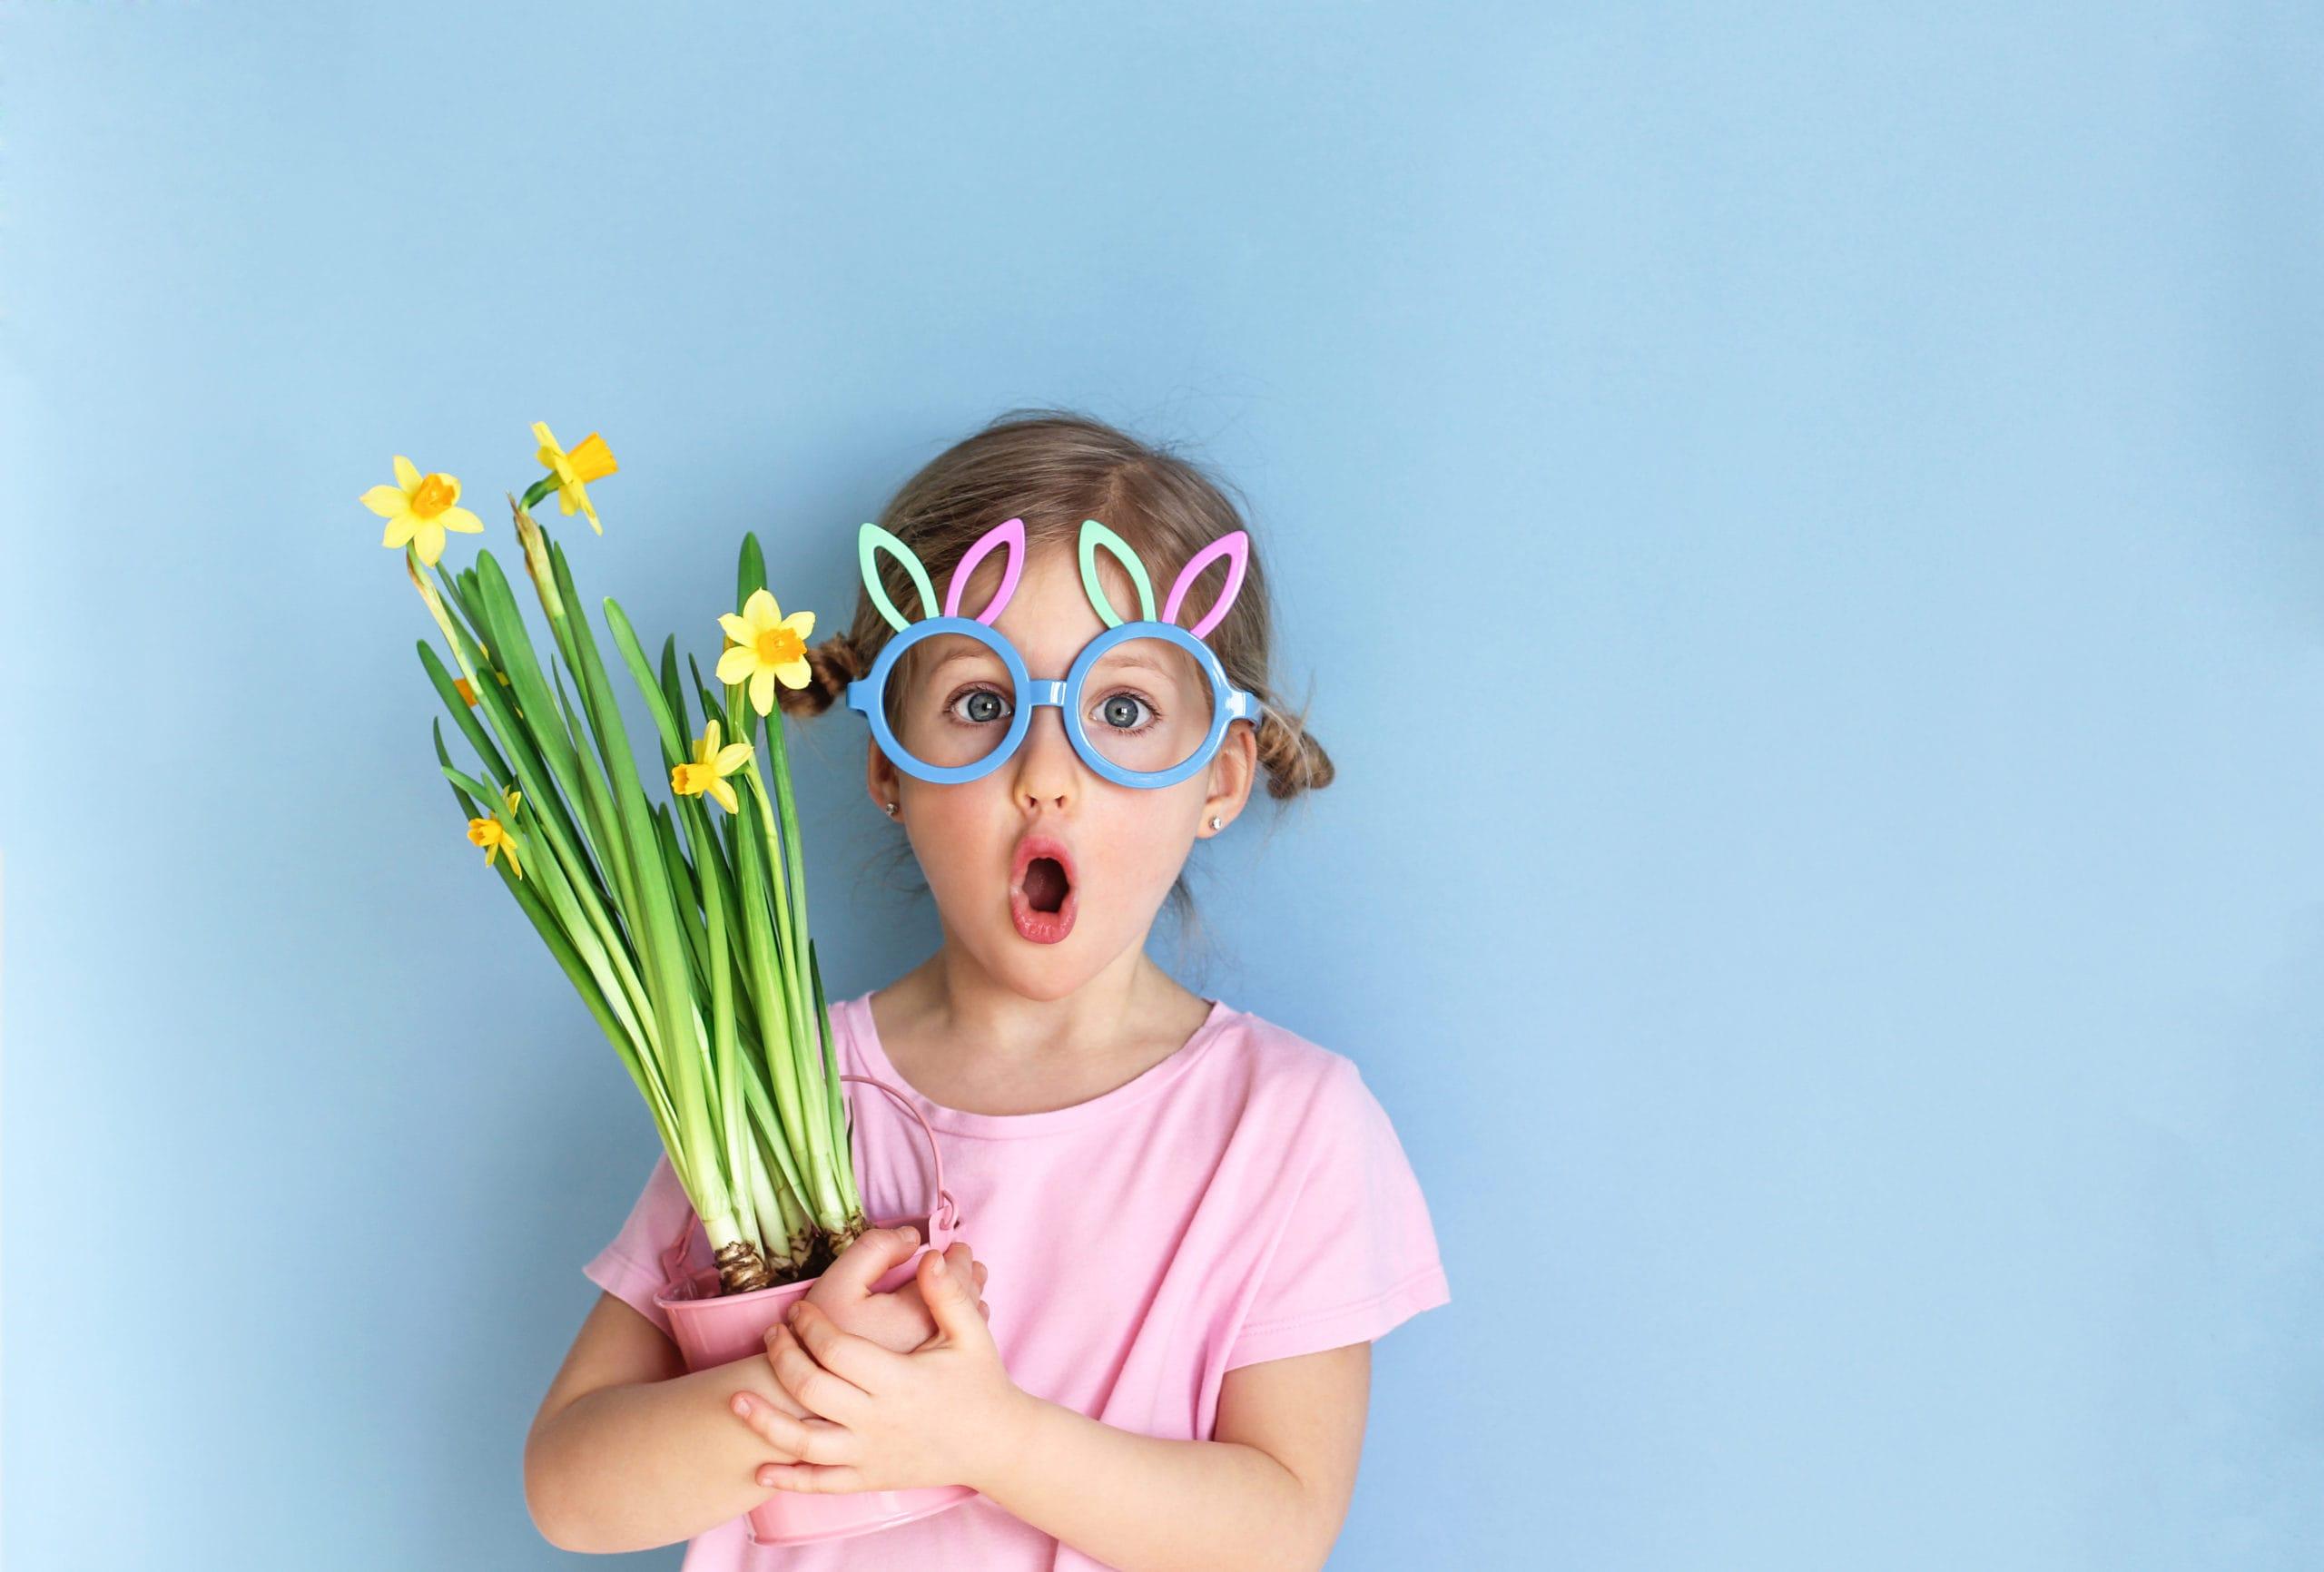 Child celebrating Easter